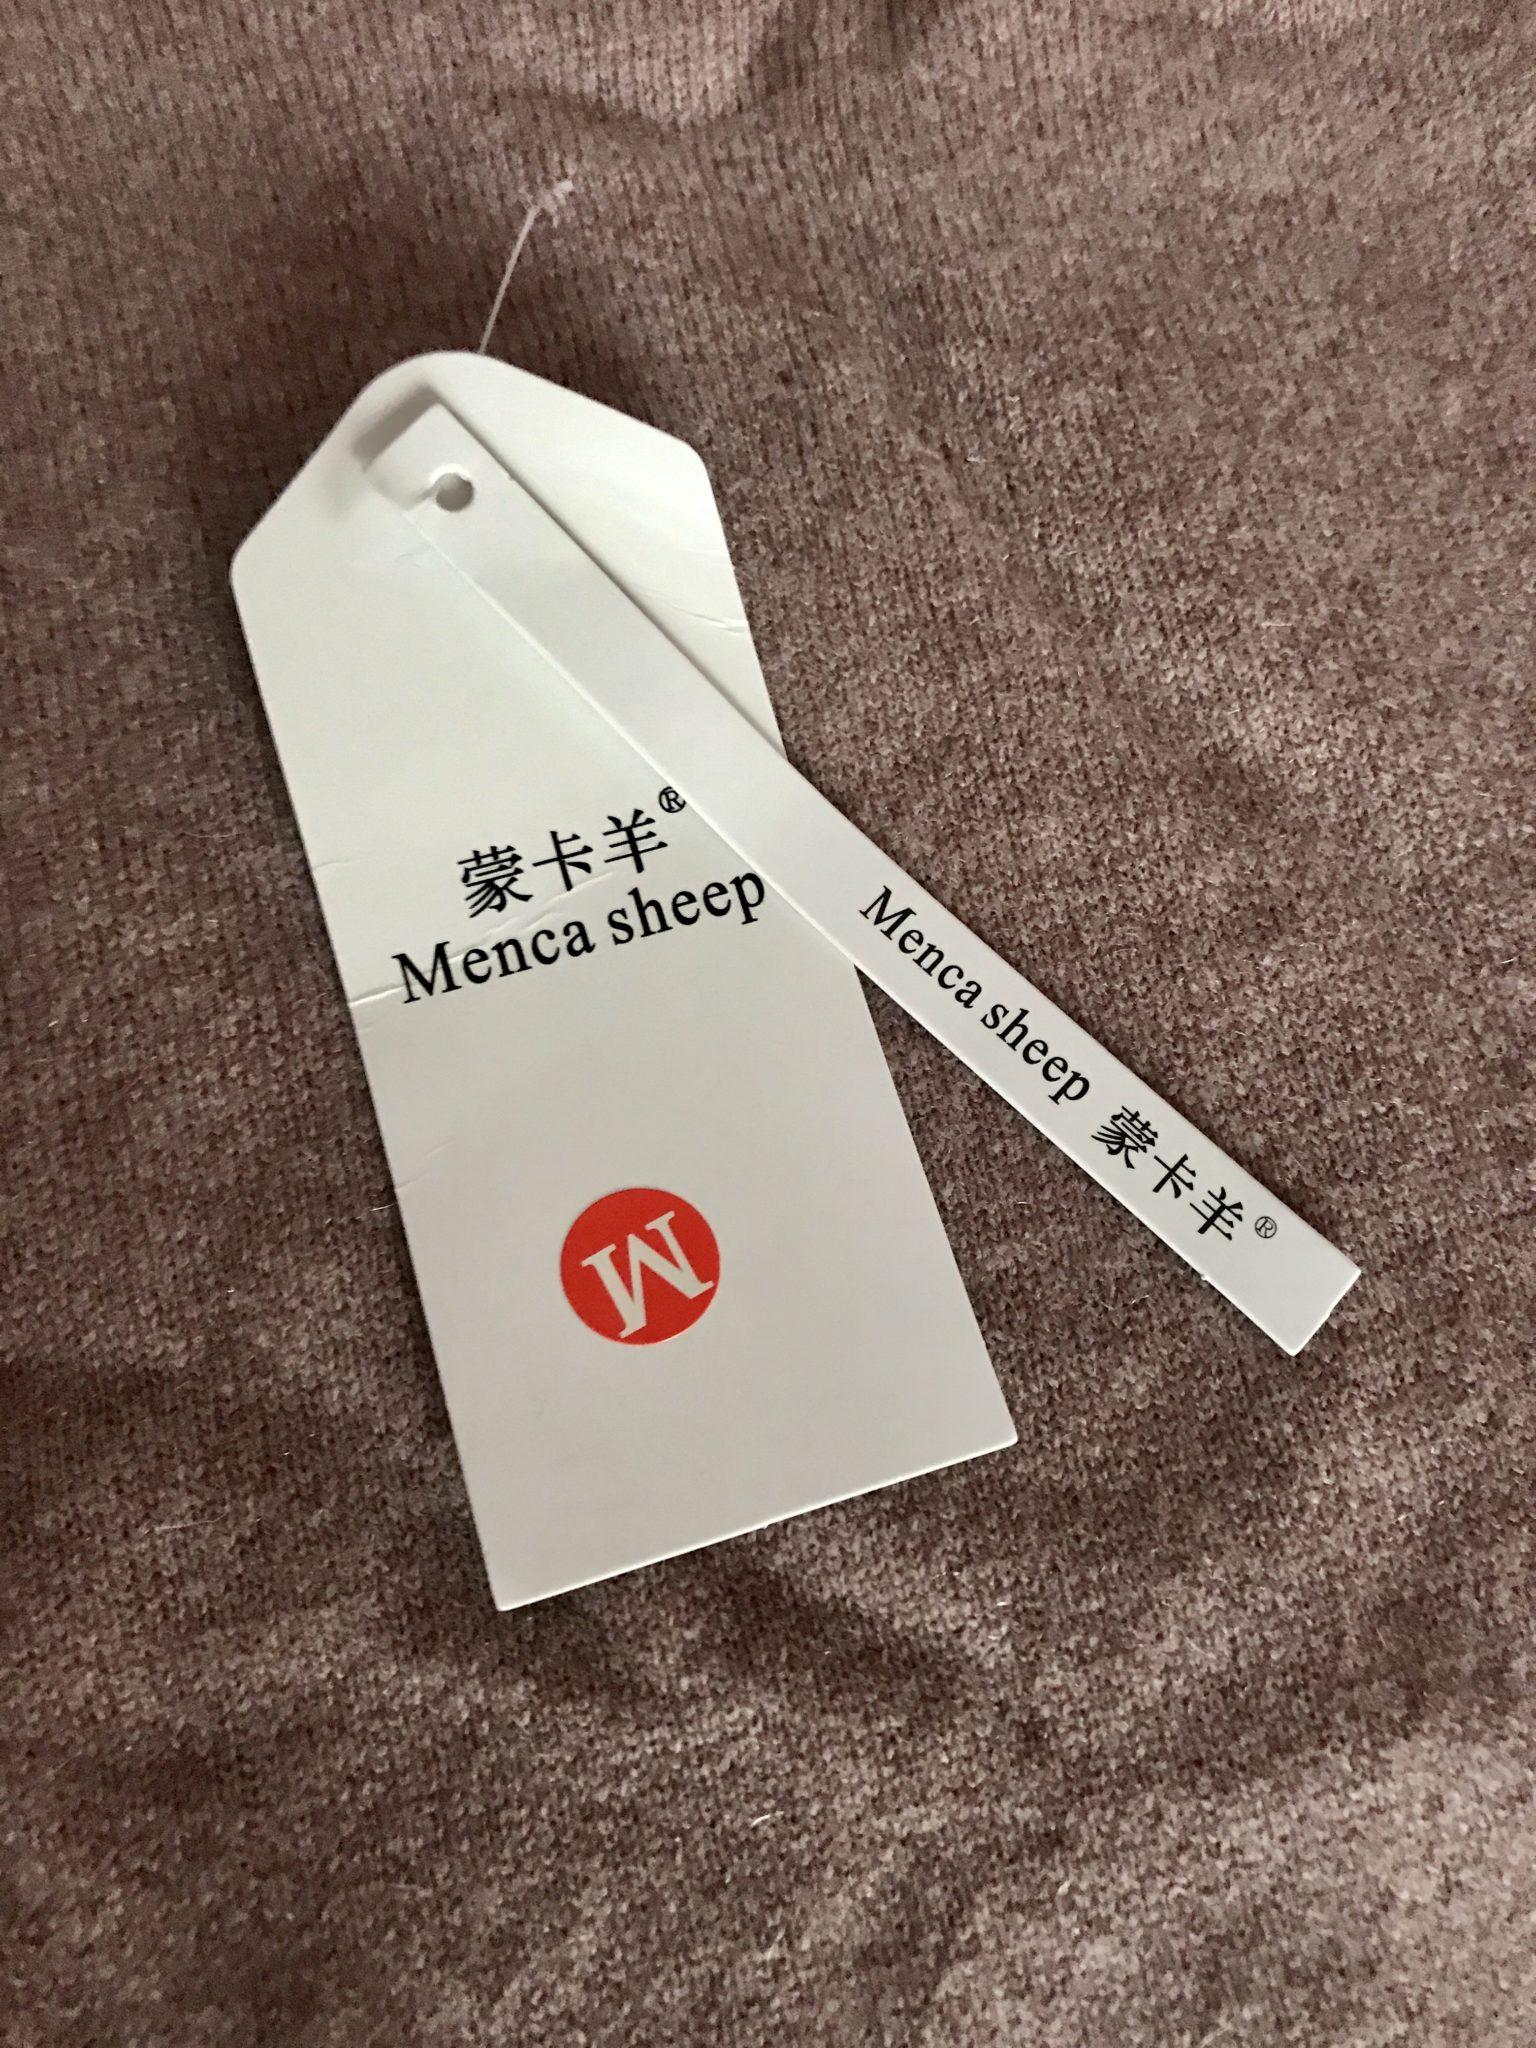 étiquette volante sur un pull en cachemire chinois qui identifie